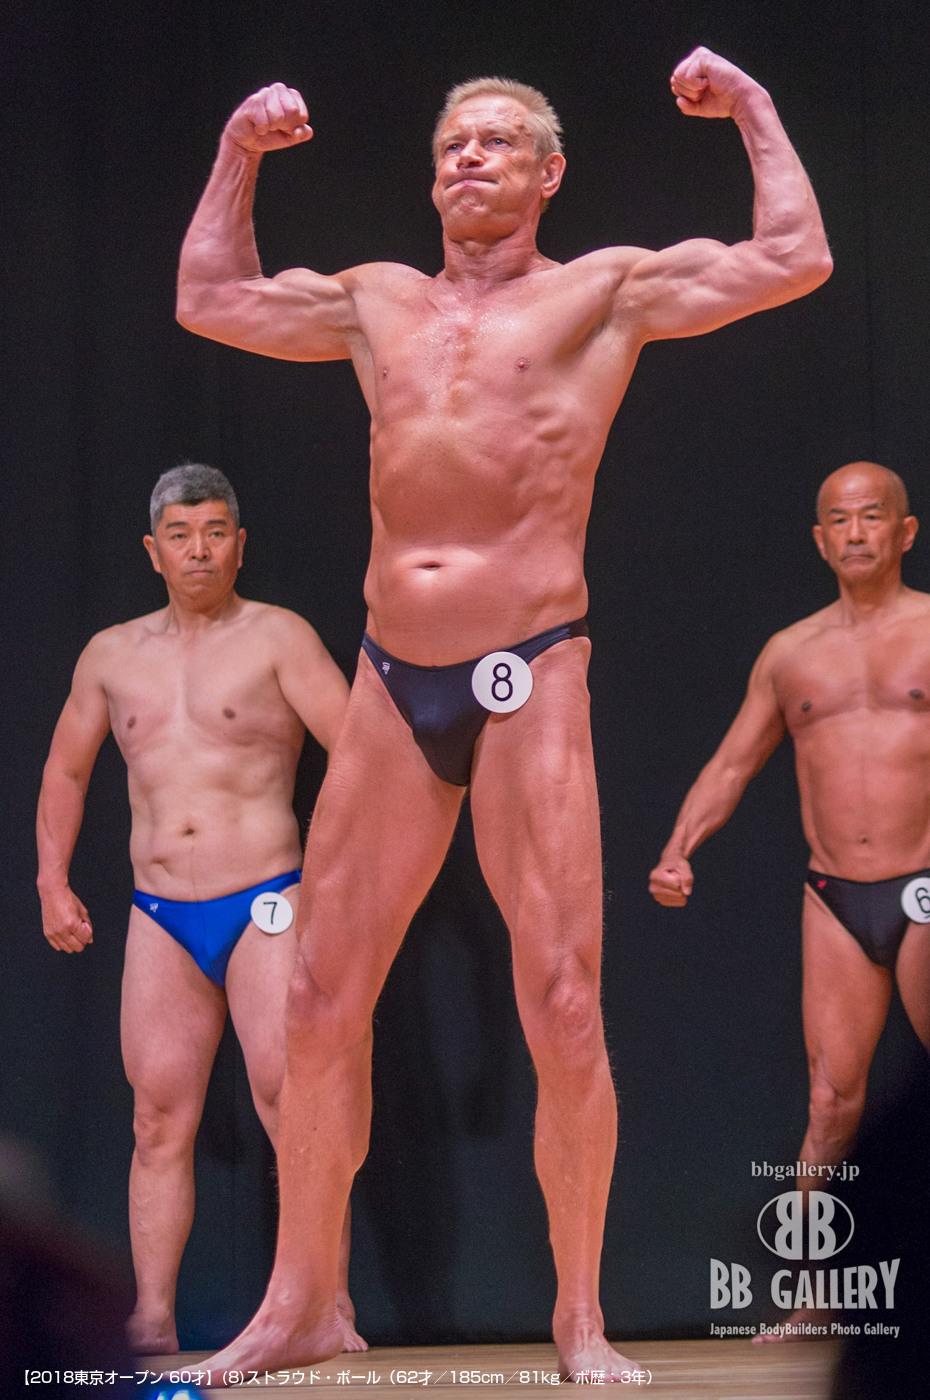 【2018東京オープン 60才】(8)ストラウド・ポール(62才/185cm/81kg/ボ歴:3年)